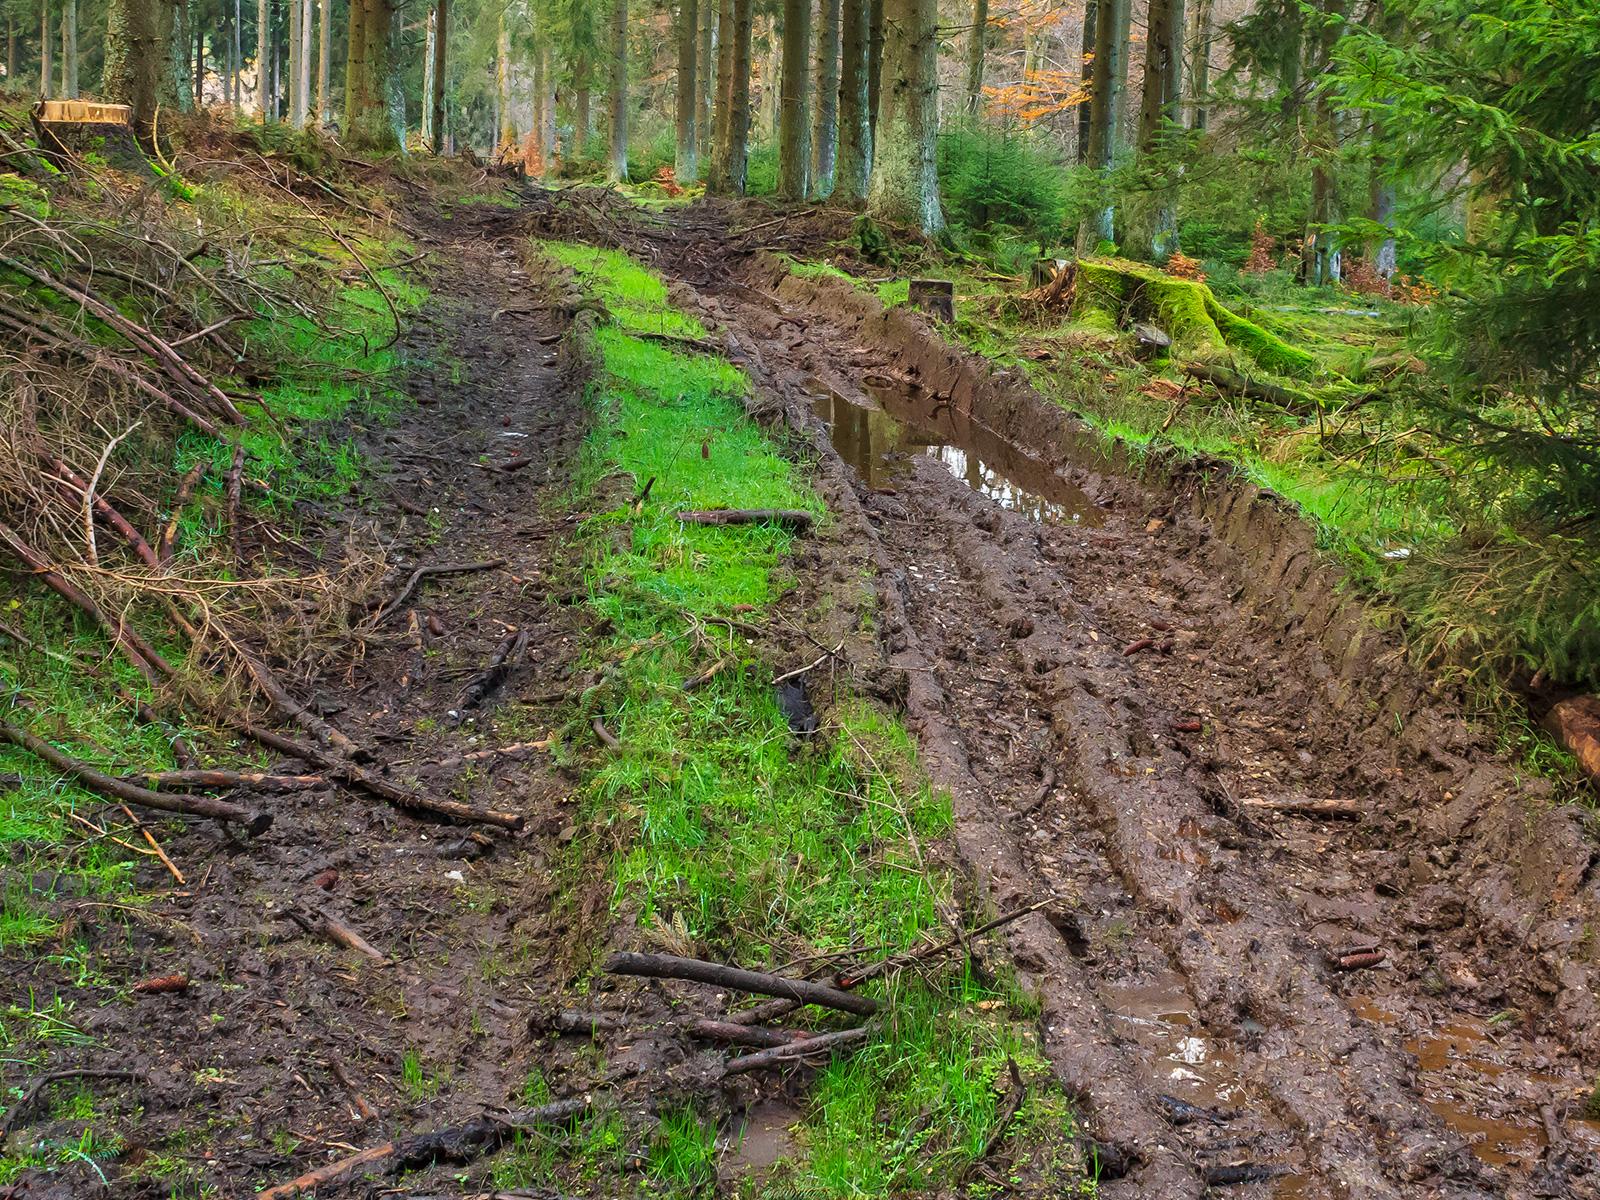 40 cm tiefe Bodengleise, in denen sich das Wasser staut